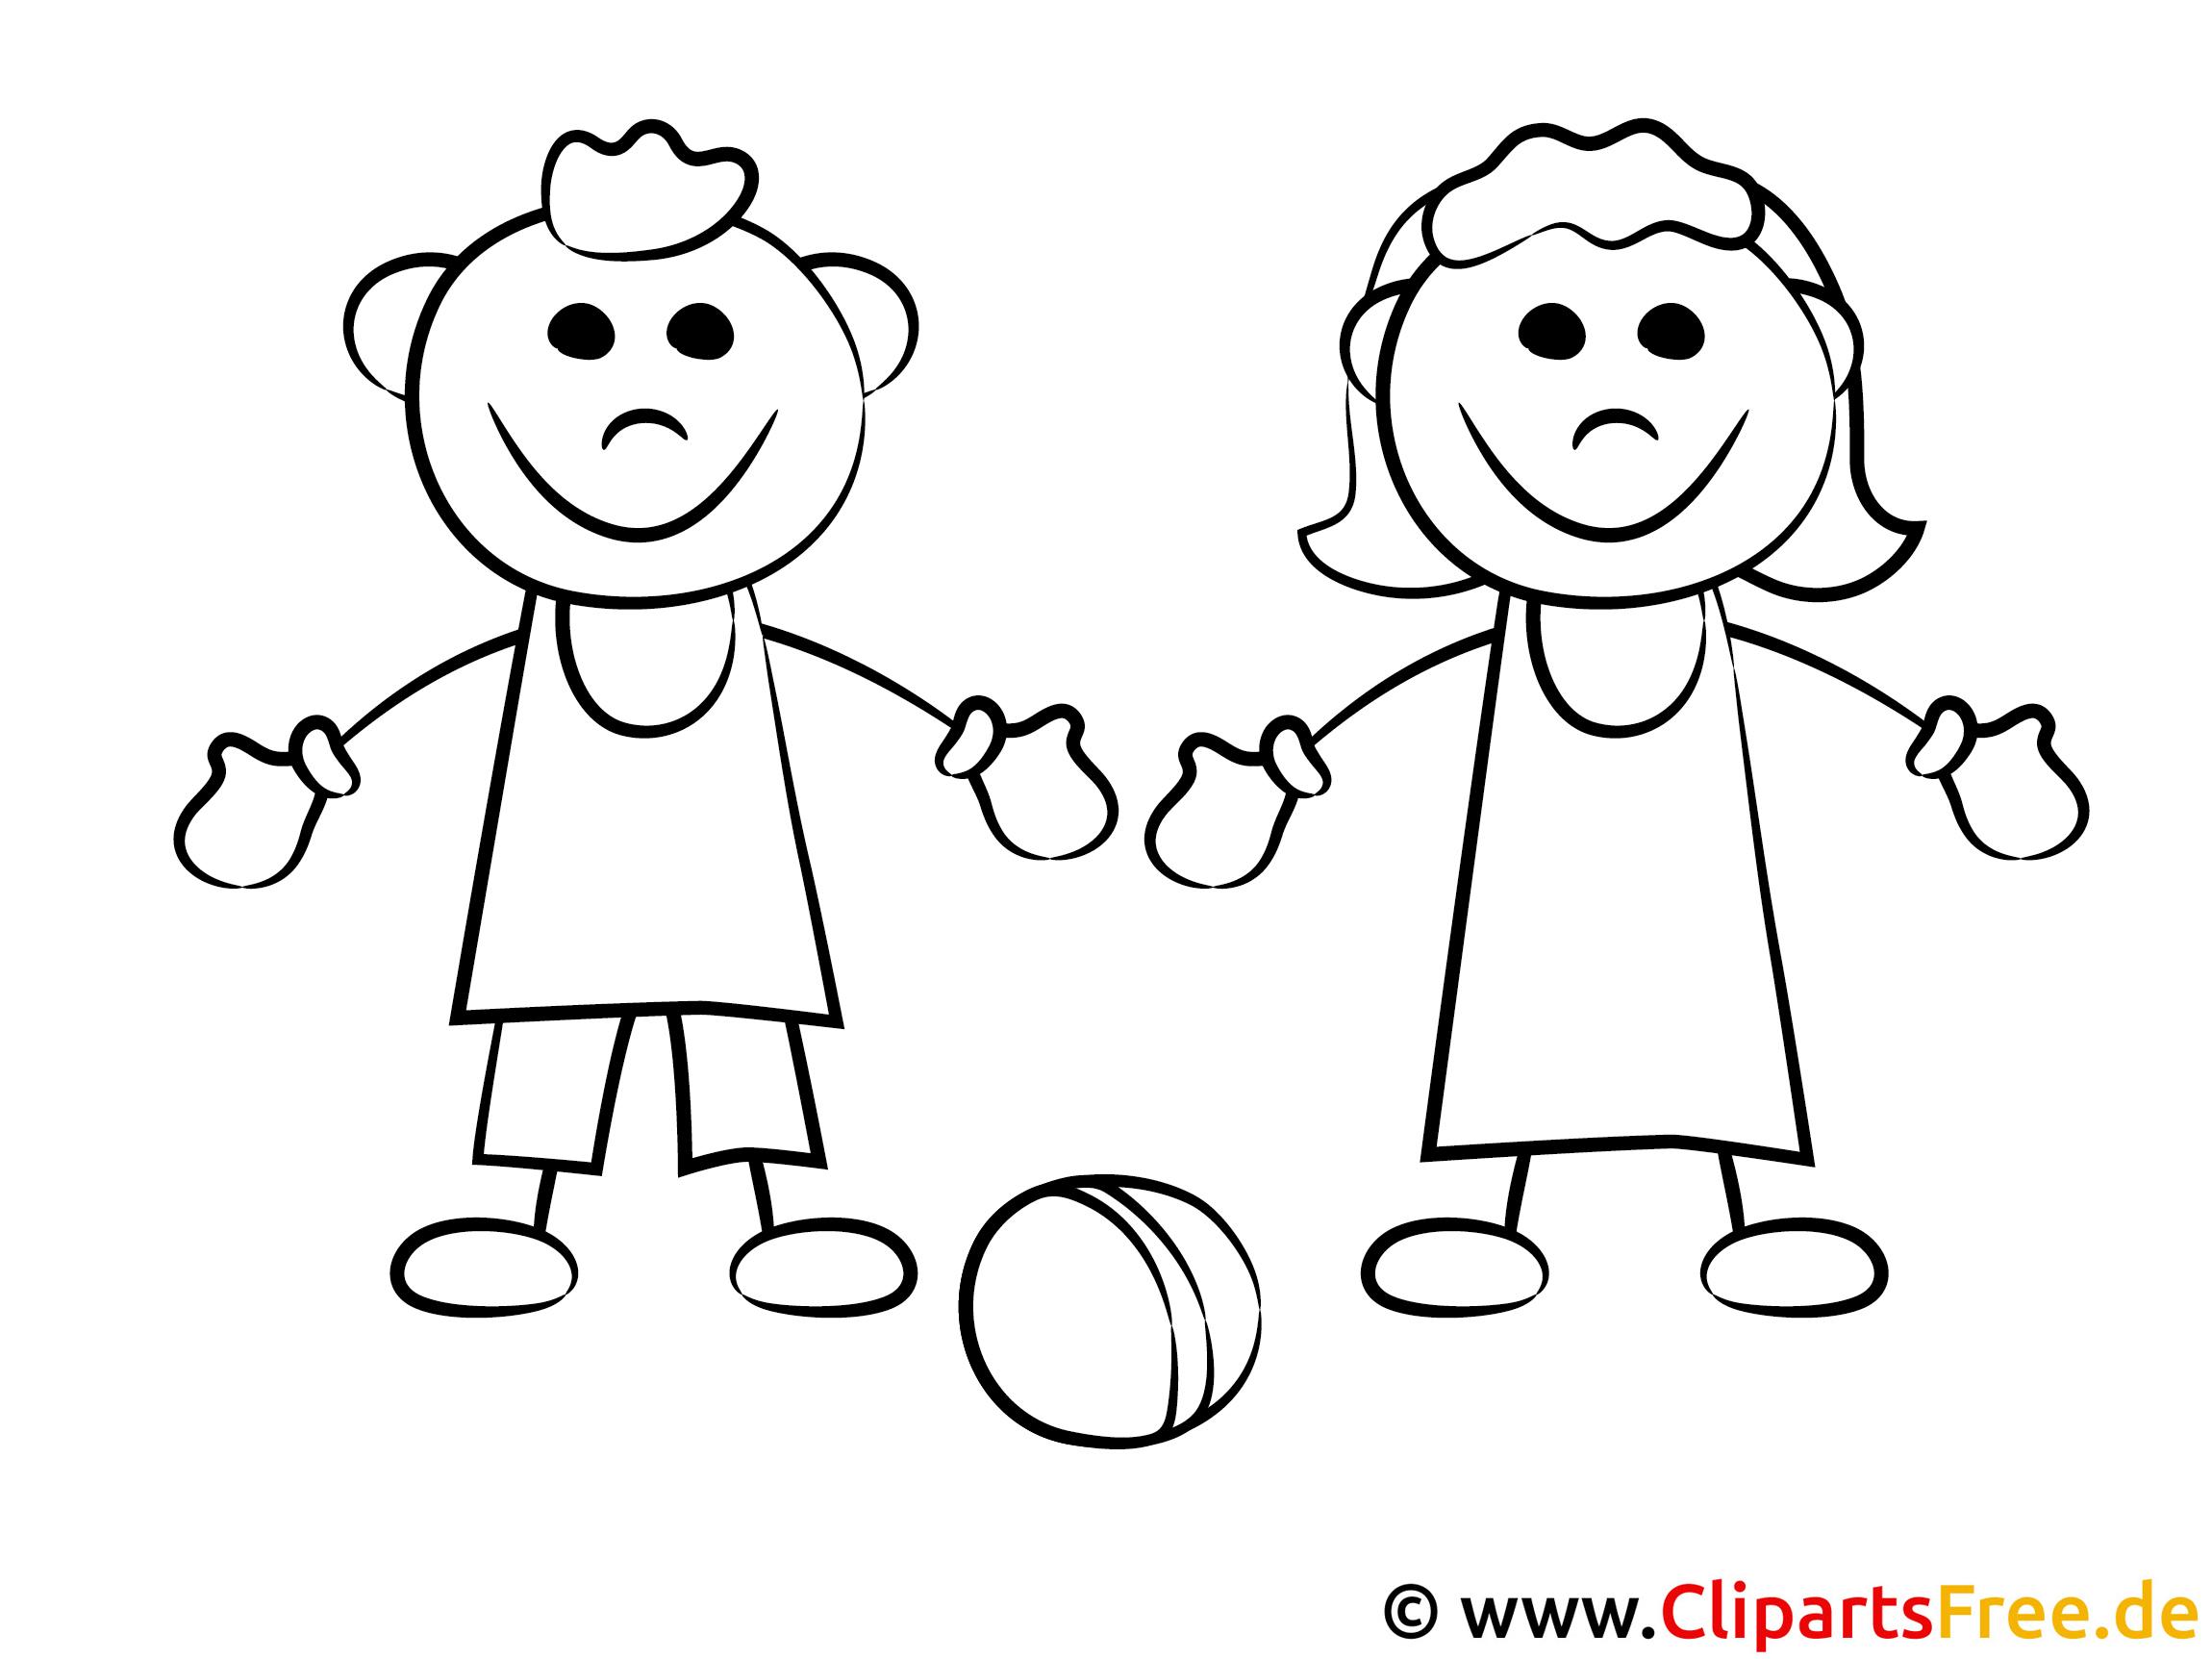 kinder spielen mit dem ball ausmalbilder